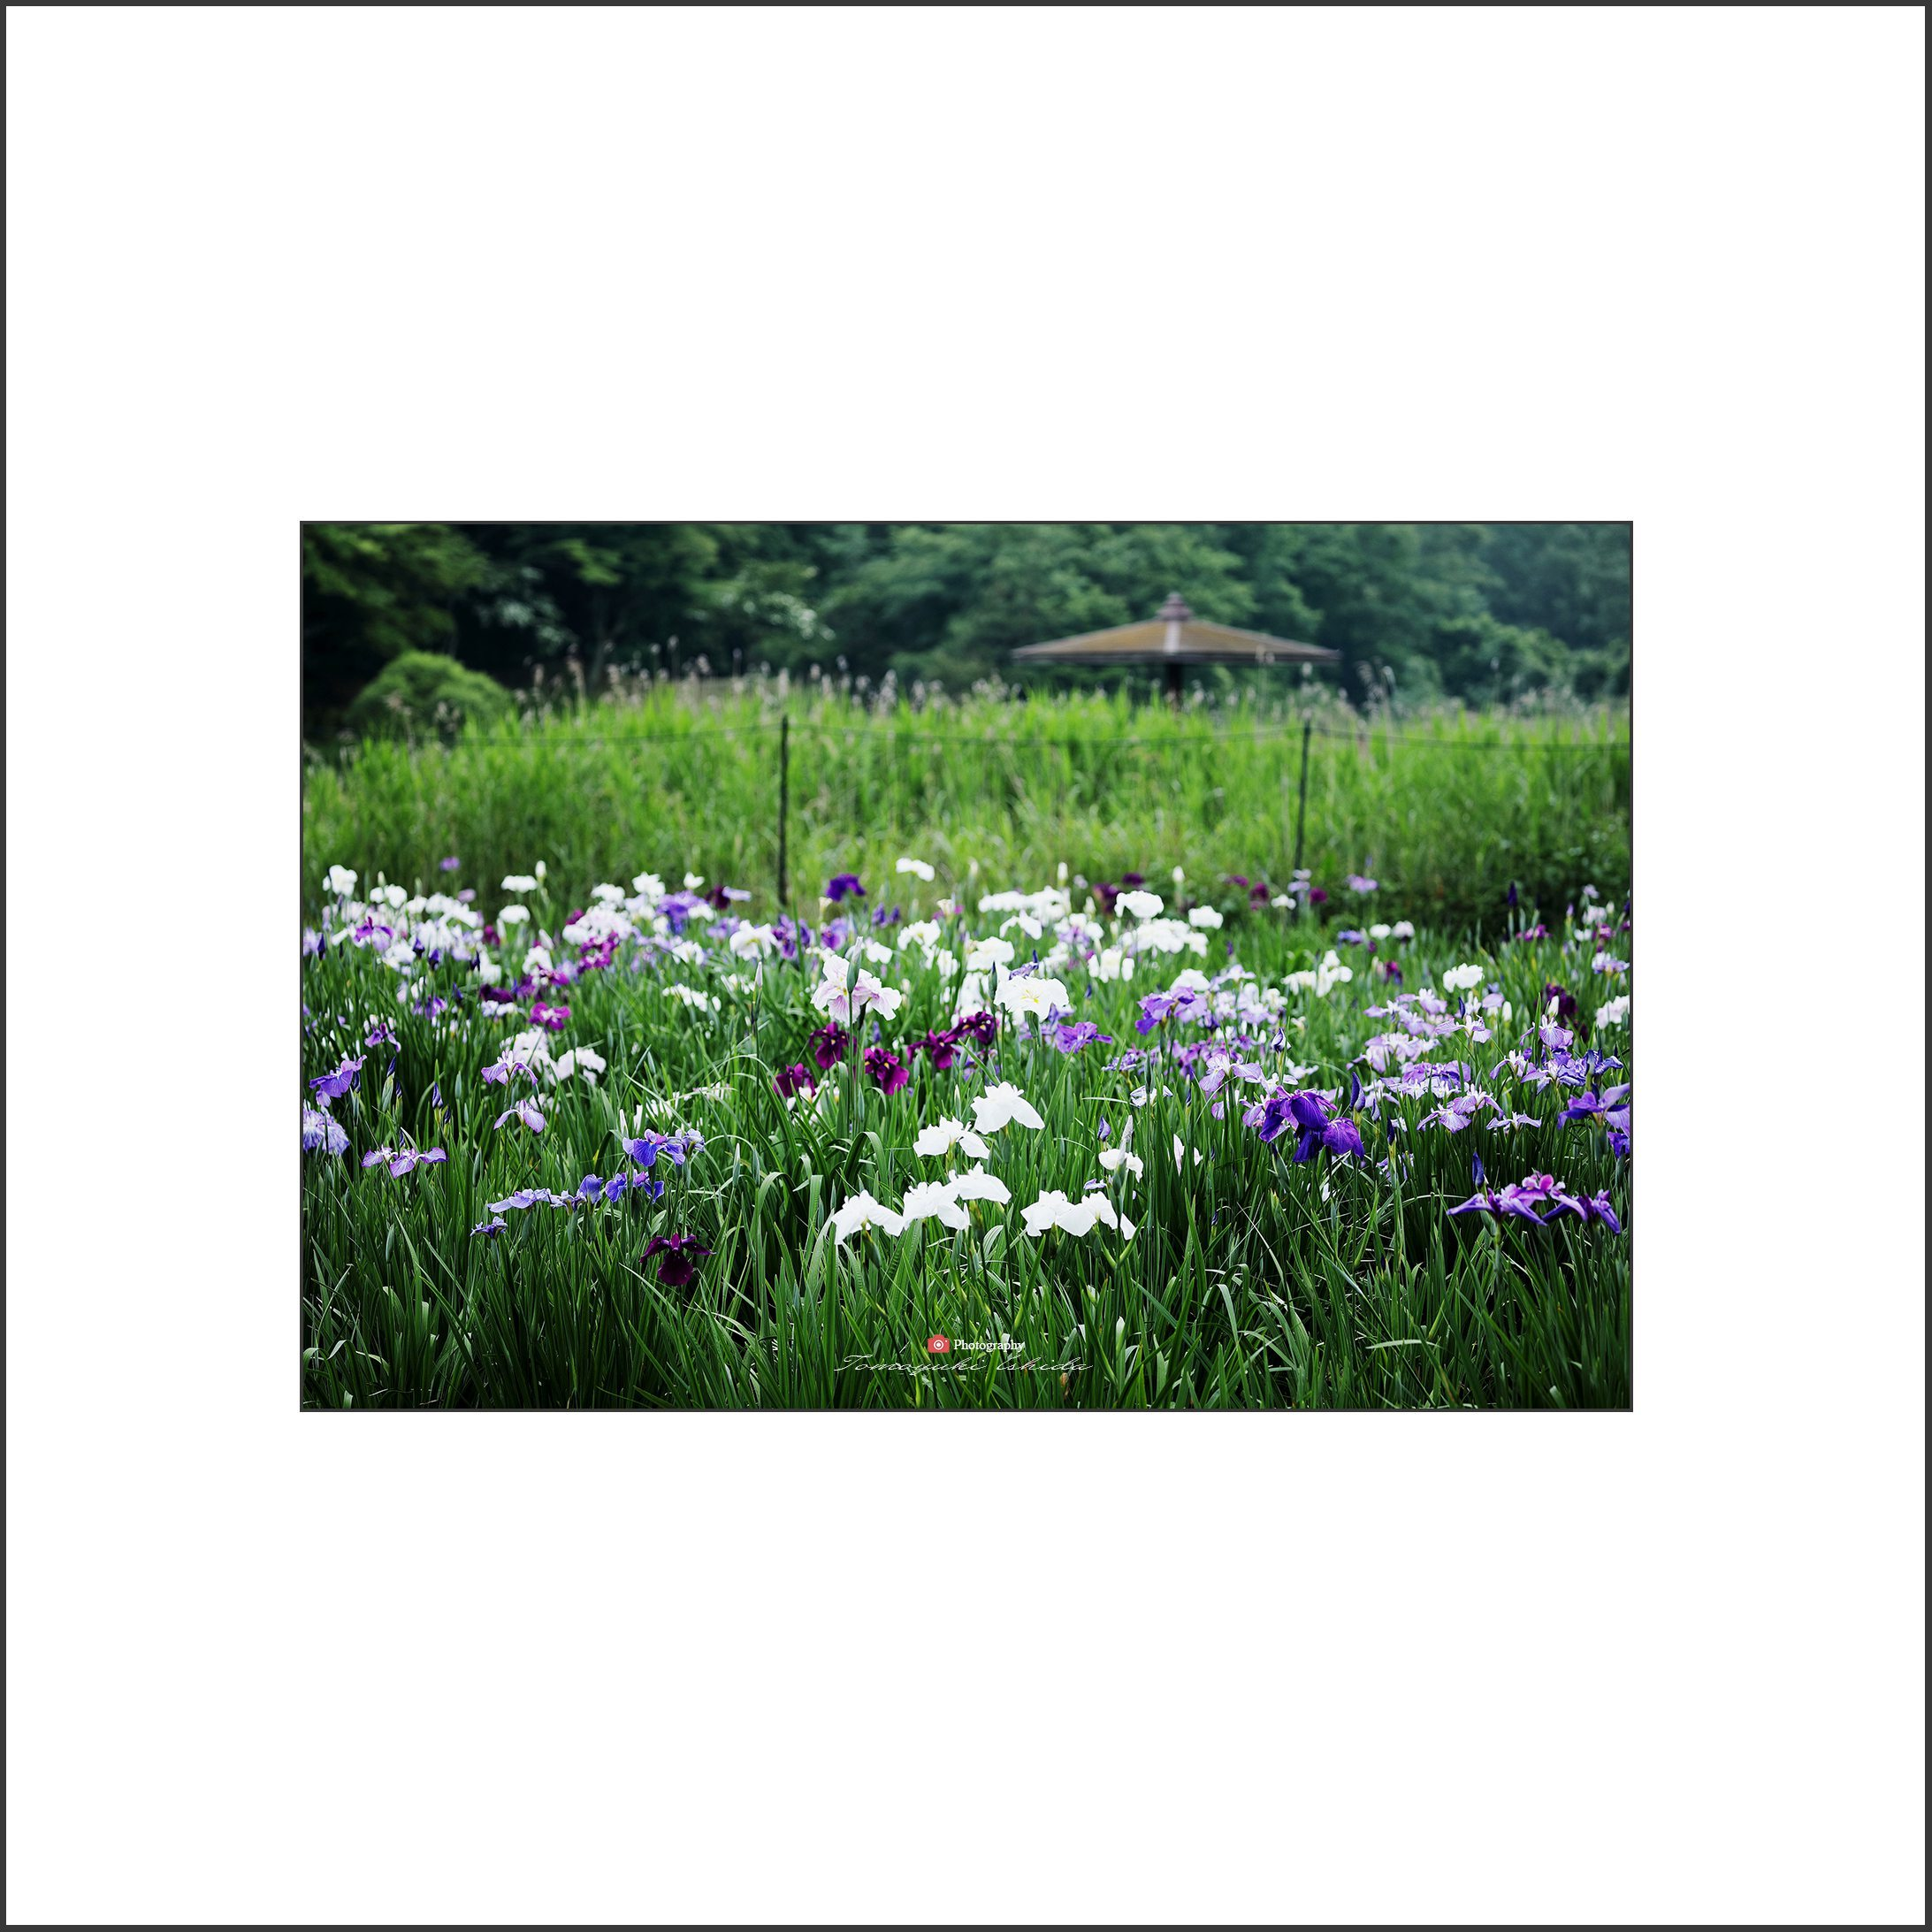 花しょうぶ Ⅱ-1_c0253556_04190645.jpg